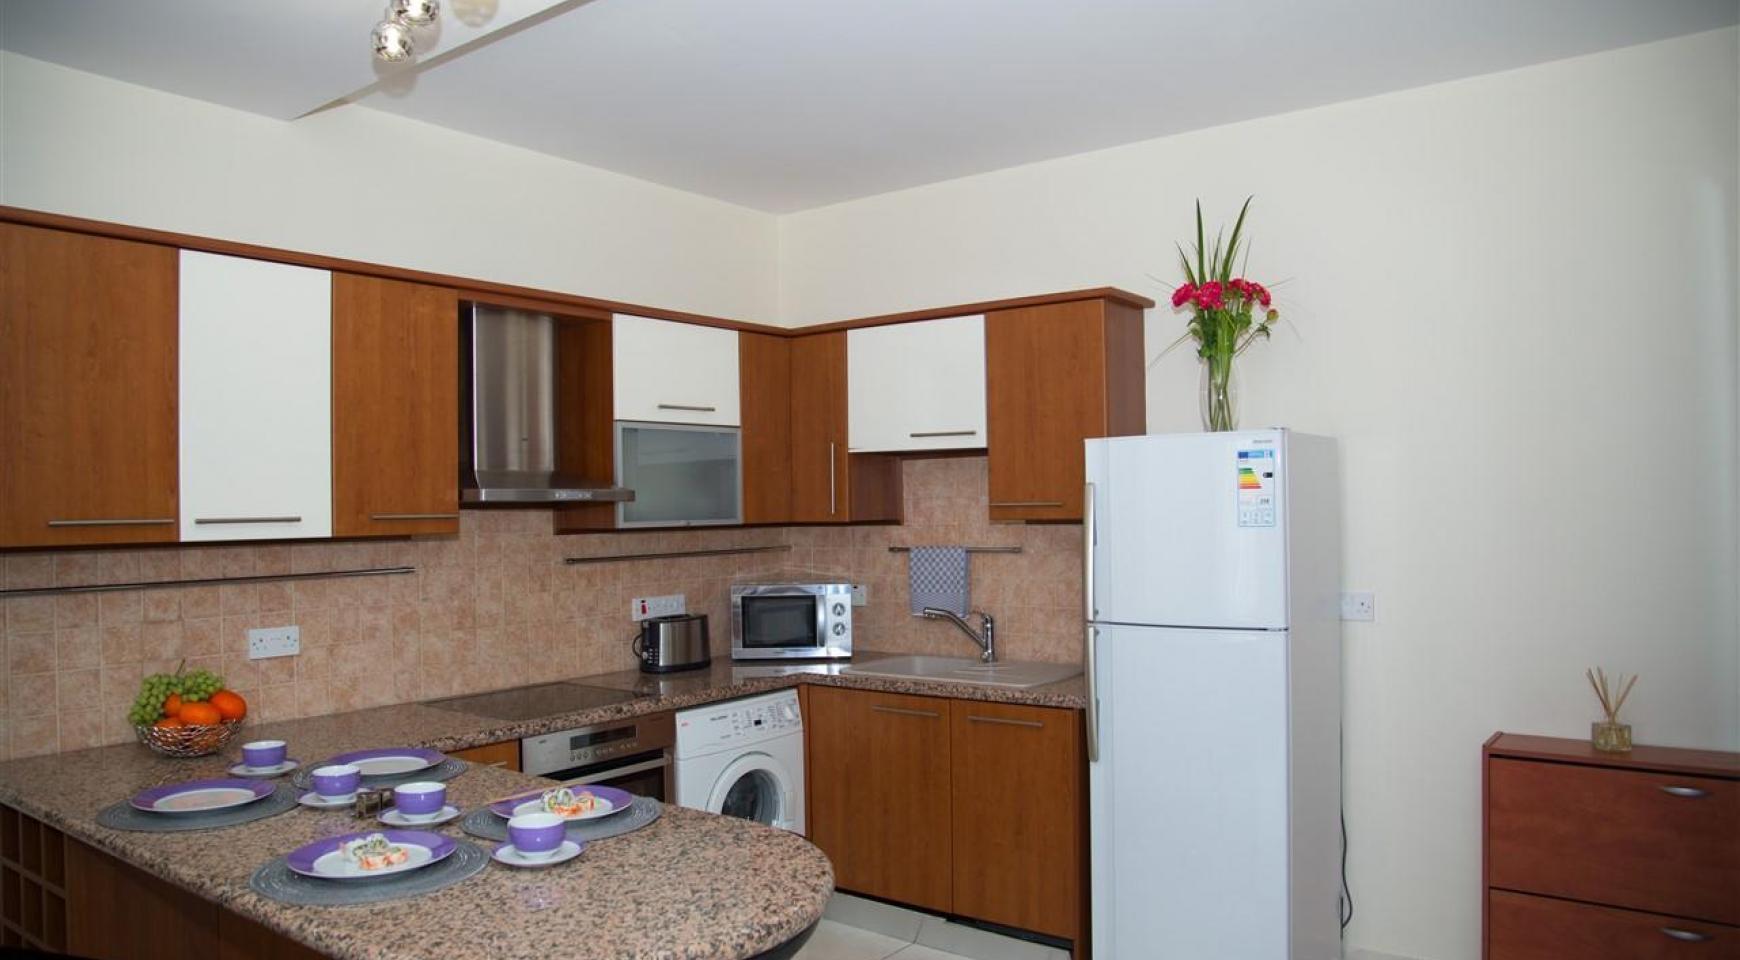 """2-Спальная Квартира - Люкс """"Mesogios Iris 304"""" в Туристической Зоне возле Моря - 10"""